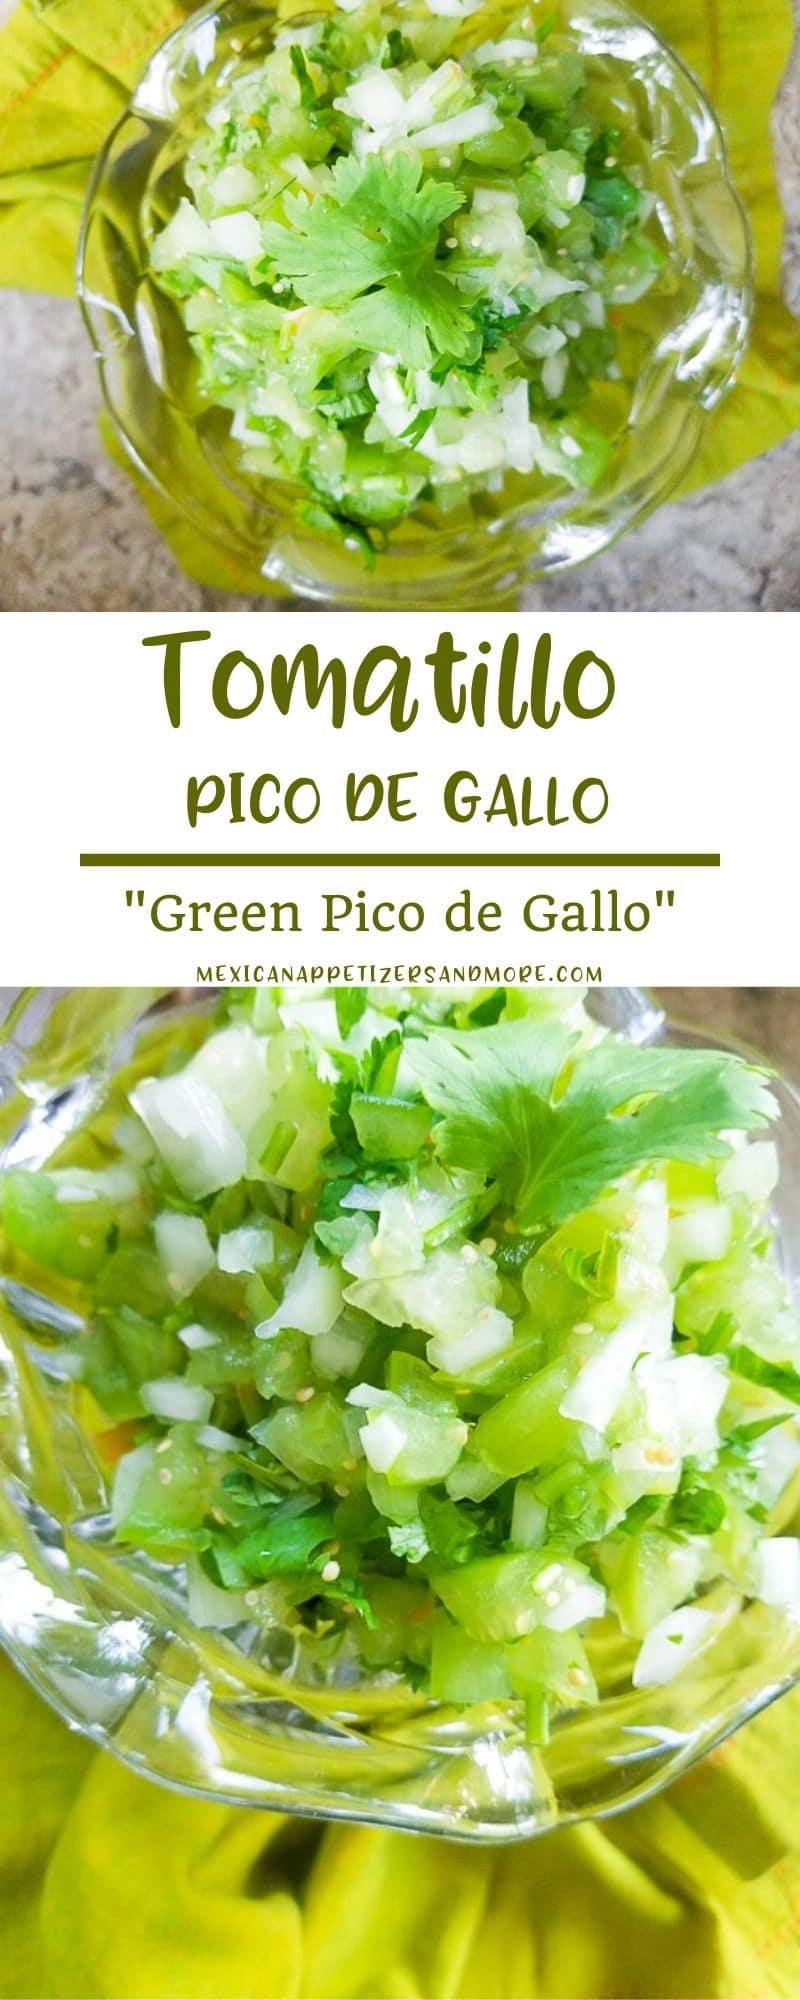 Tomatillo Pico de Gallo